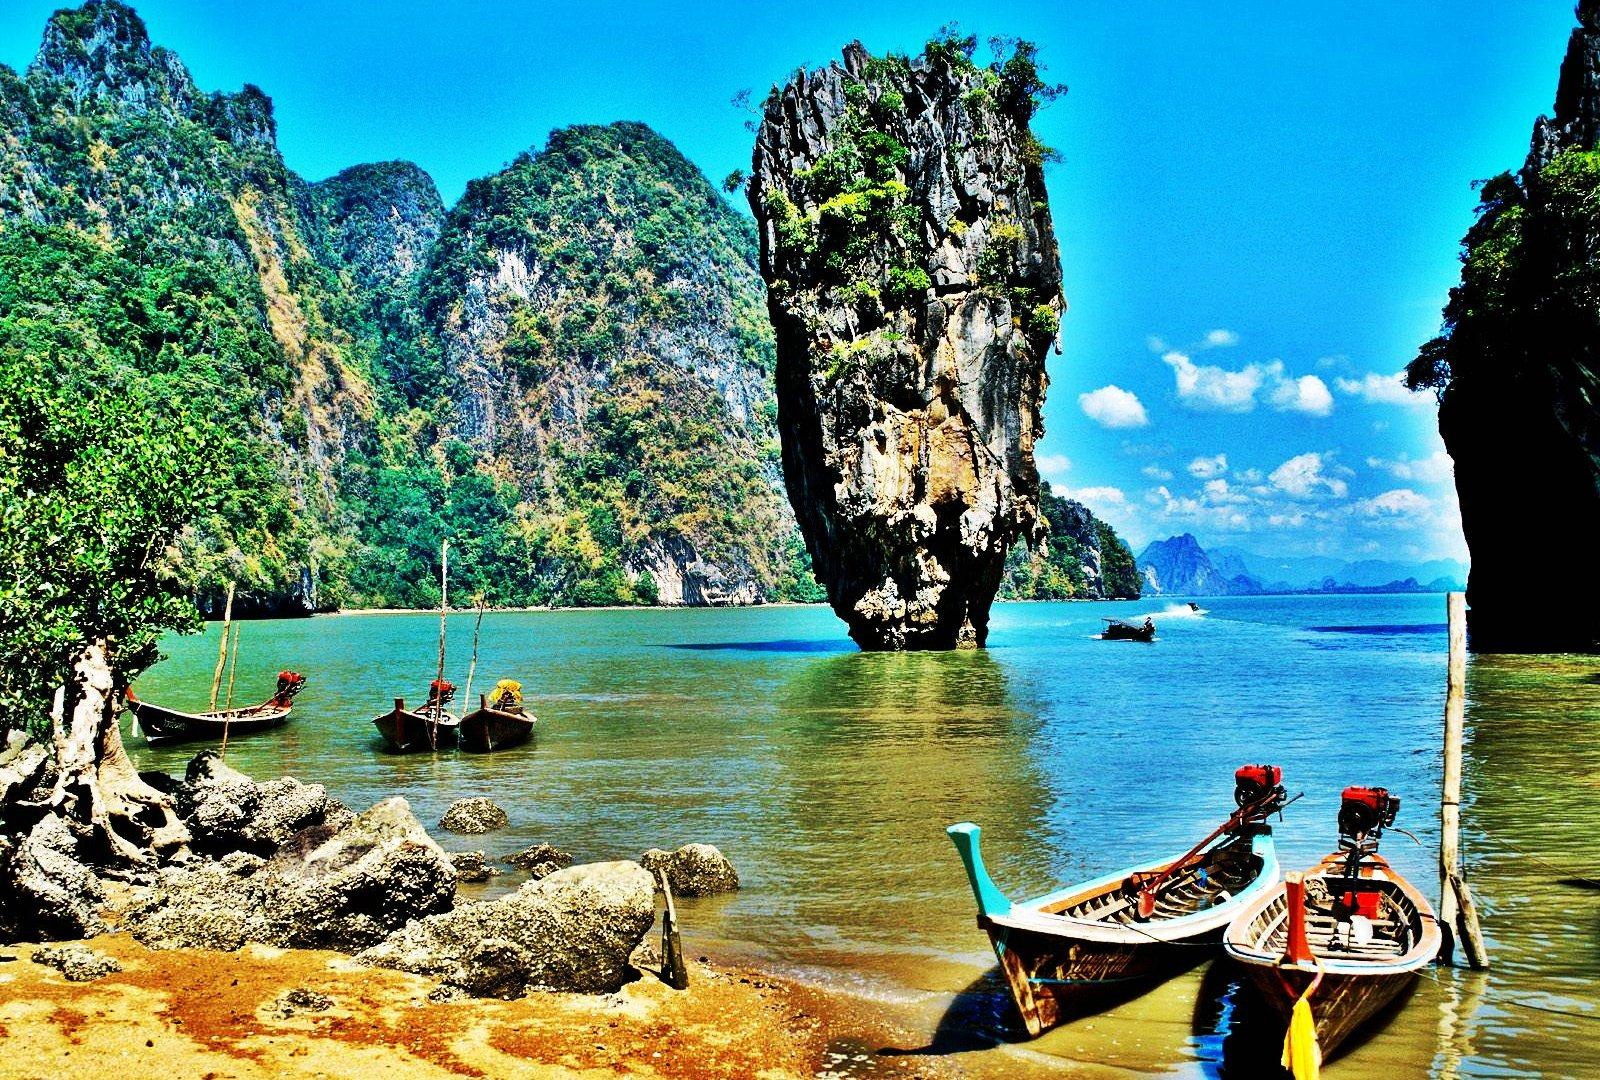 phuket aviaticekts travel - ავიაბილეთები ფხუკეთი